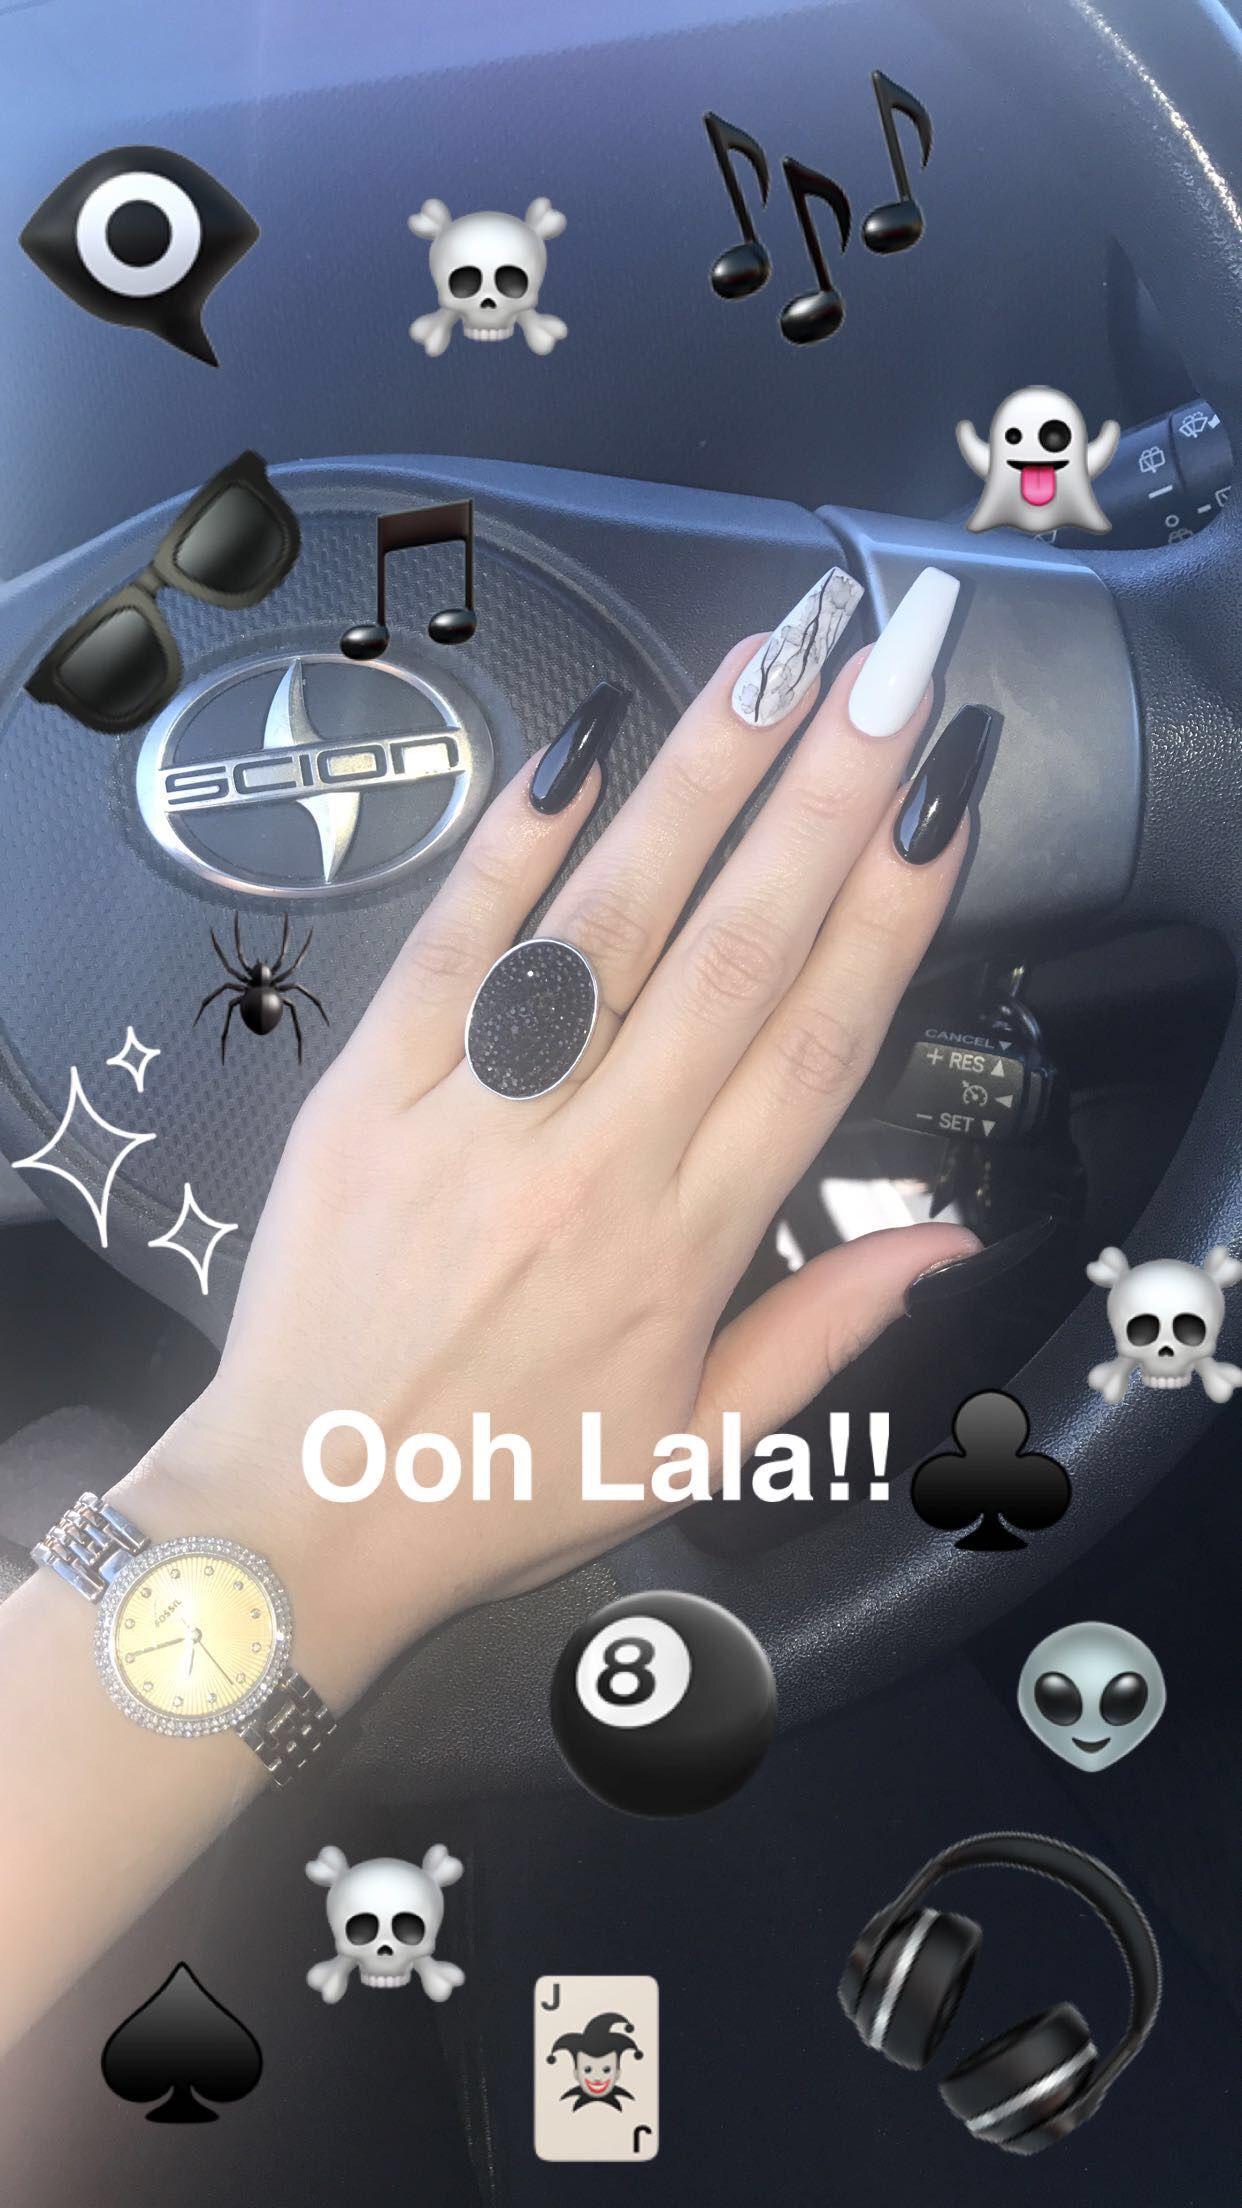 Black And White Coffin Nails With Design On Ring Finger Blackandwhitecoffinnails Coffinnails Black White Blackring Unhas Bonitas Unhas Unha